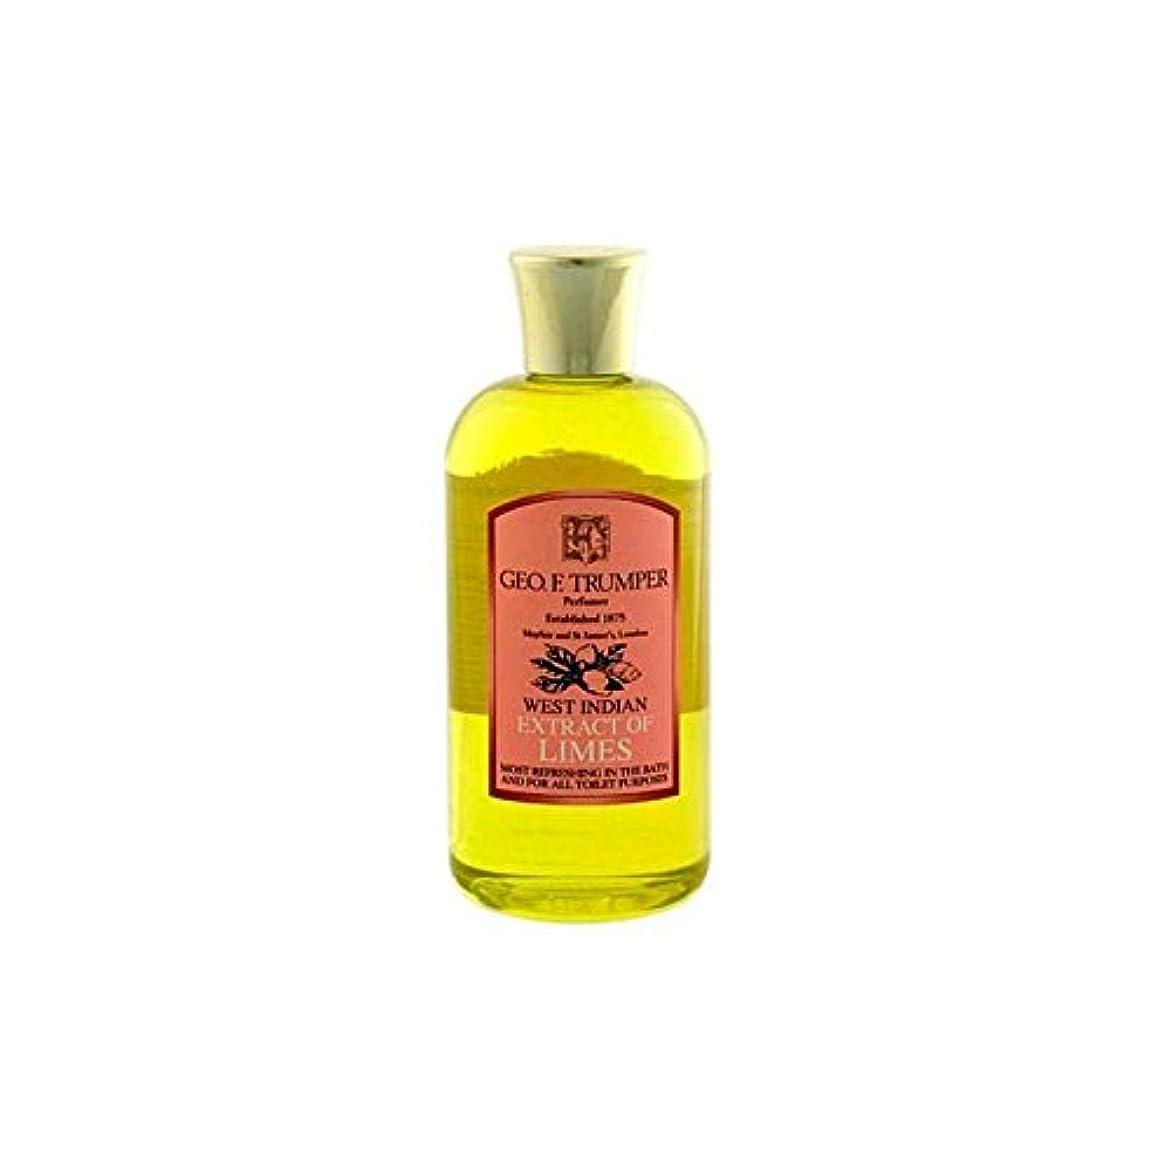 タンクありそう顔料ライムのバスタブとシャワージェル200の抽出物を x4 - Trumpers Extracts of Limes Bath and Shower Gel 200ml (Pack of 4) [並行輸入品]